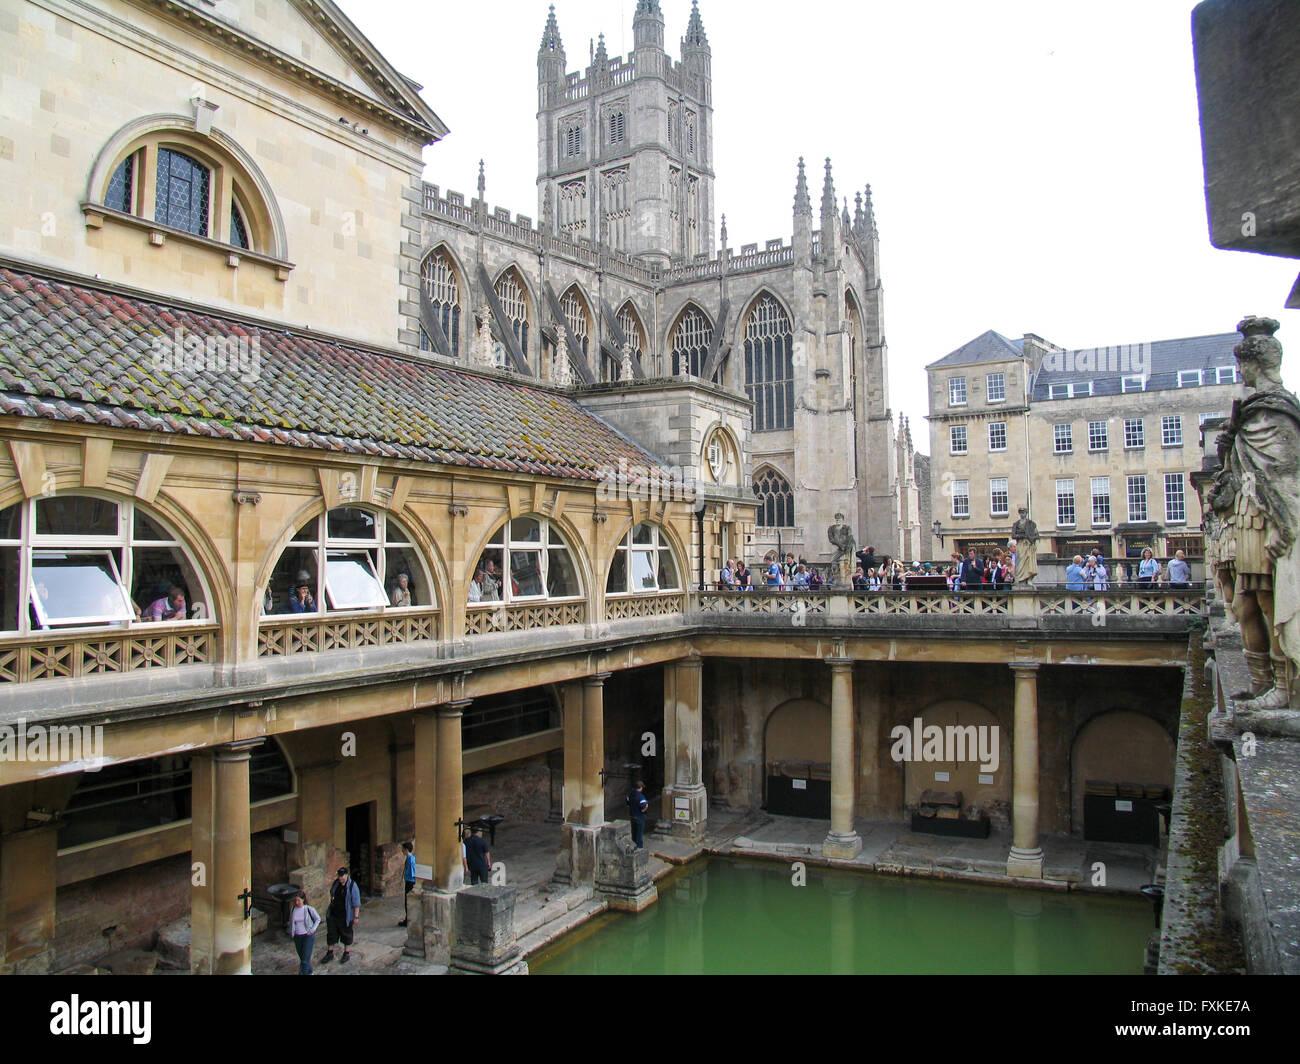 Riempire La Vasca Da Bagno In Inglese : La grande vasca da bagno parte dei bagni romani complesso in